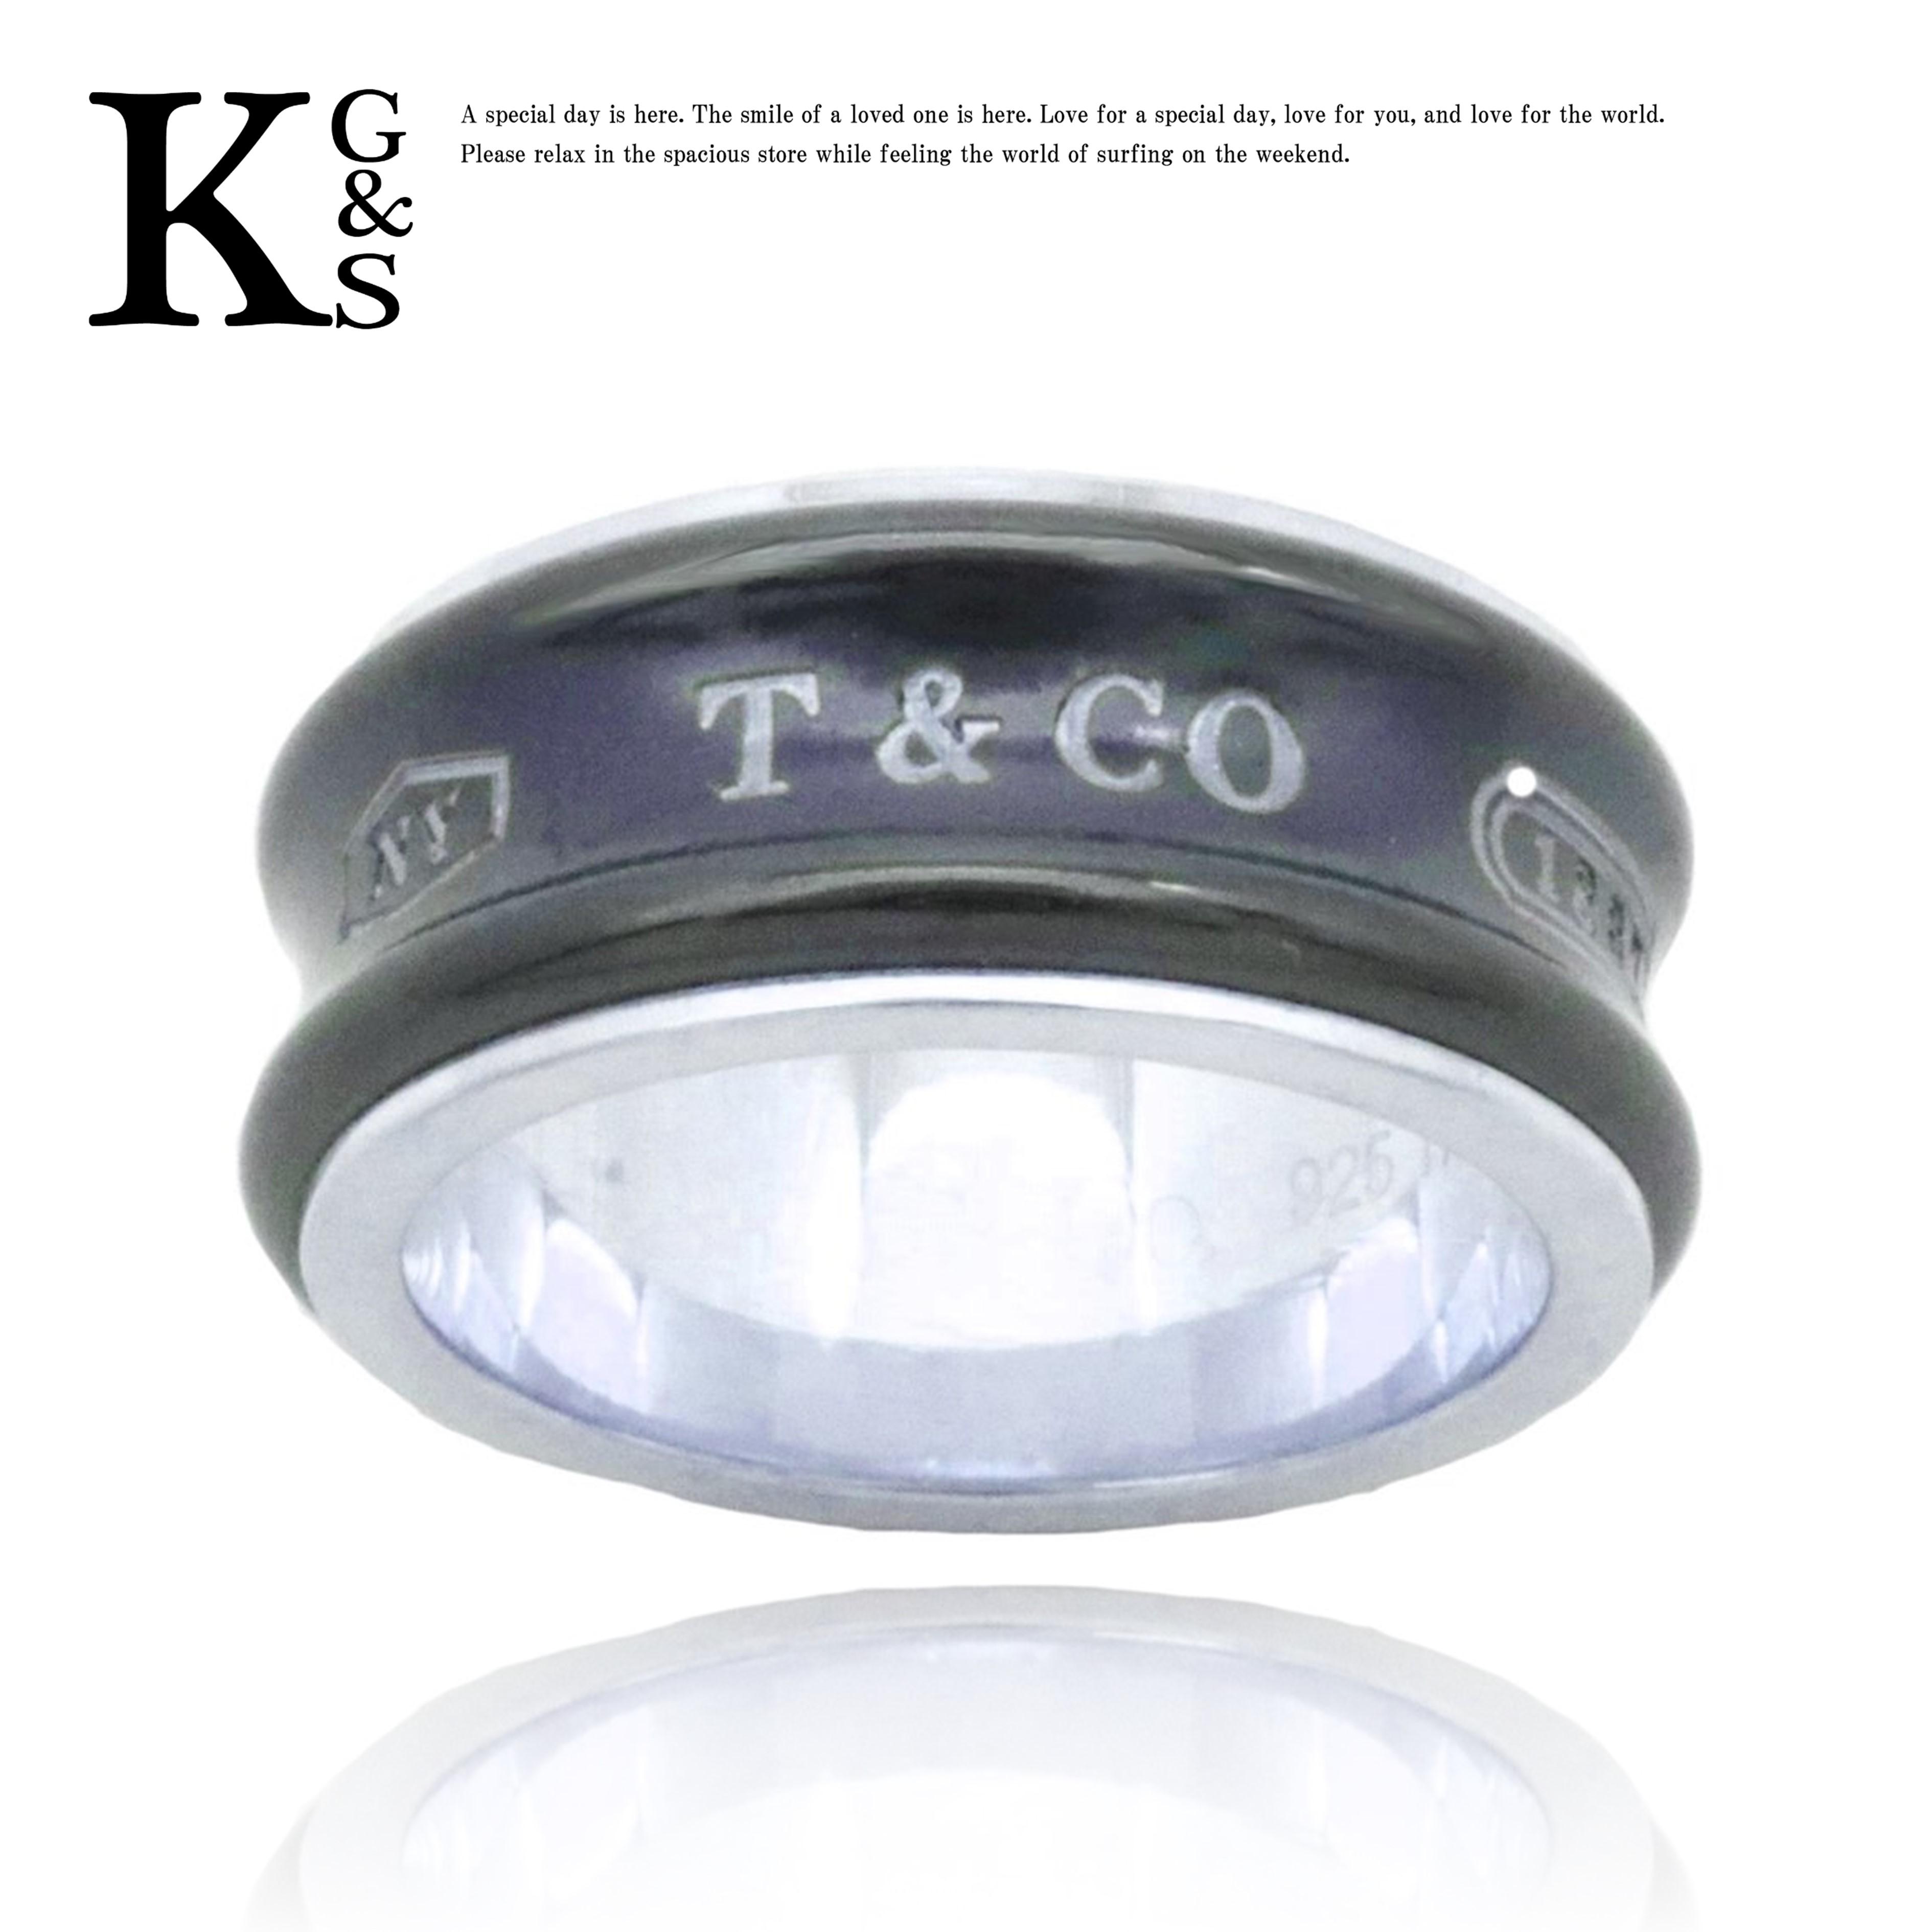 【中古】【10号】【訳有】ティファニー/Tiffany&co レディース ジュエリー 1837 ナローリング/指輪 ミディアム ブラックxシルバー Ag925xチタン